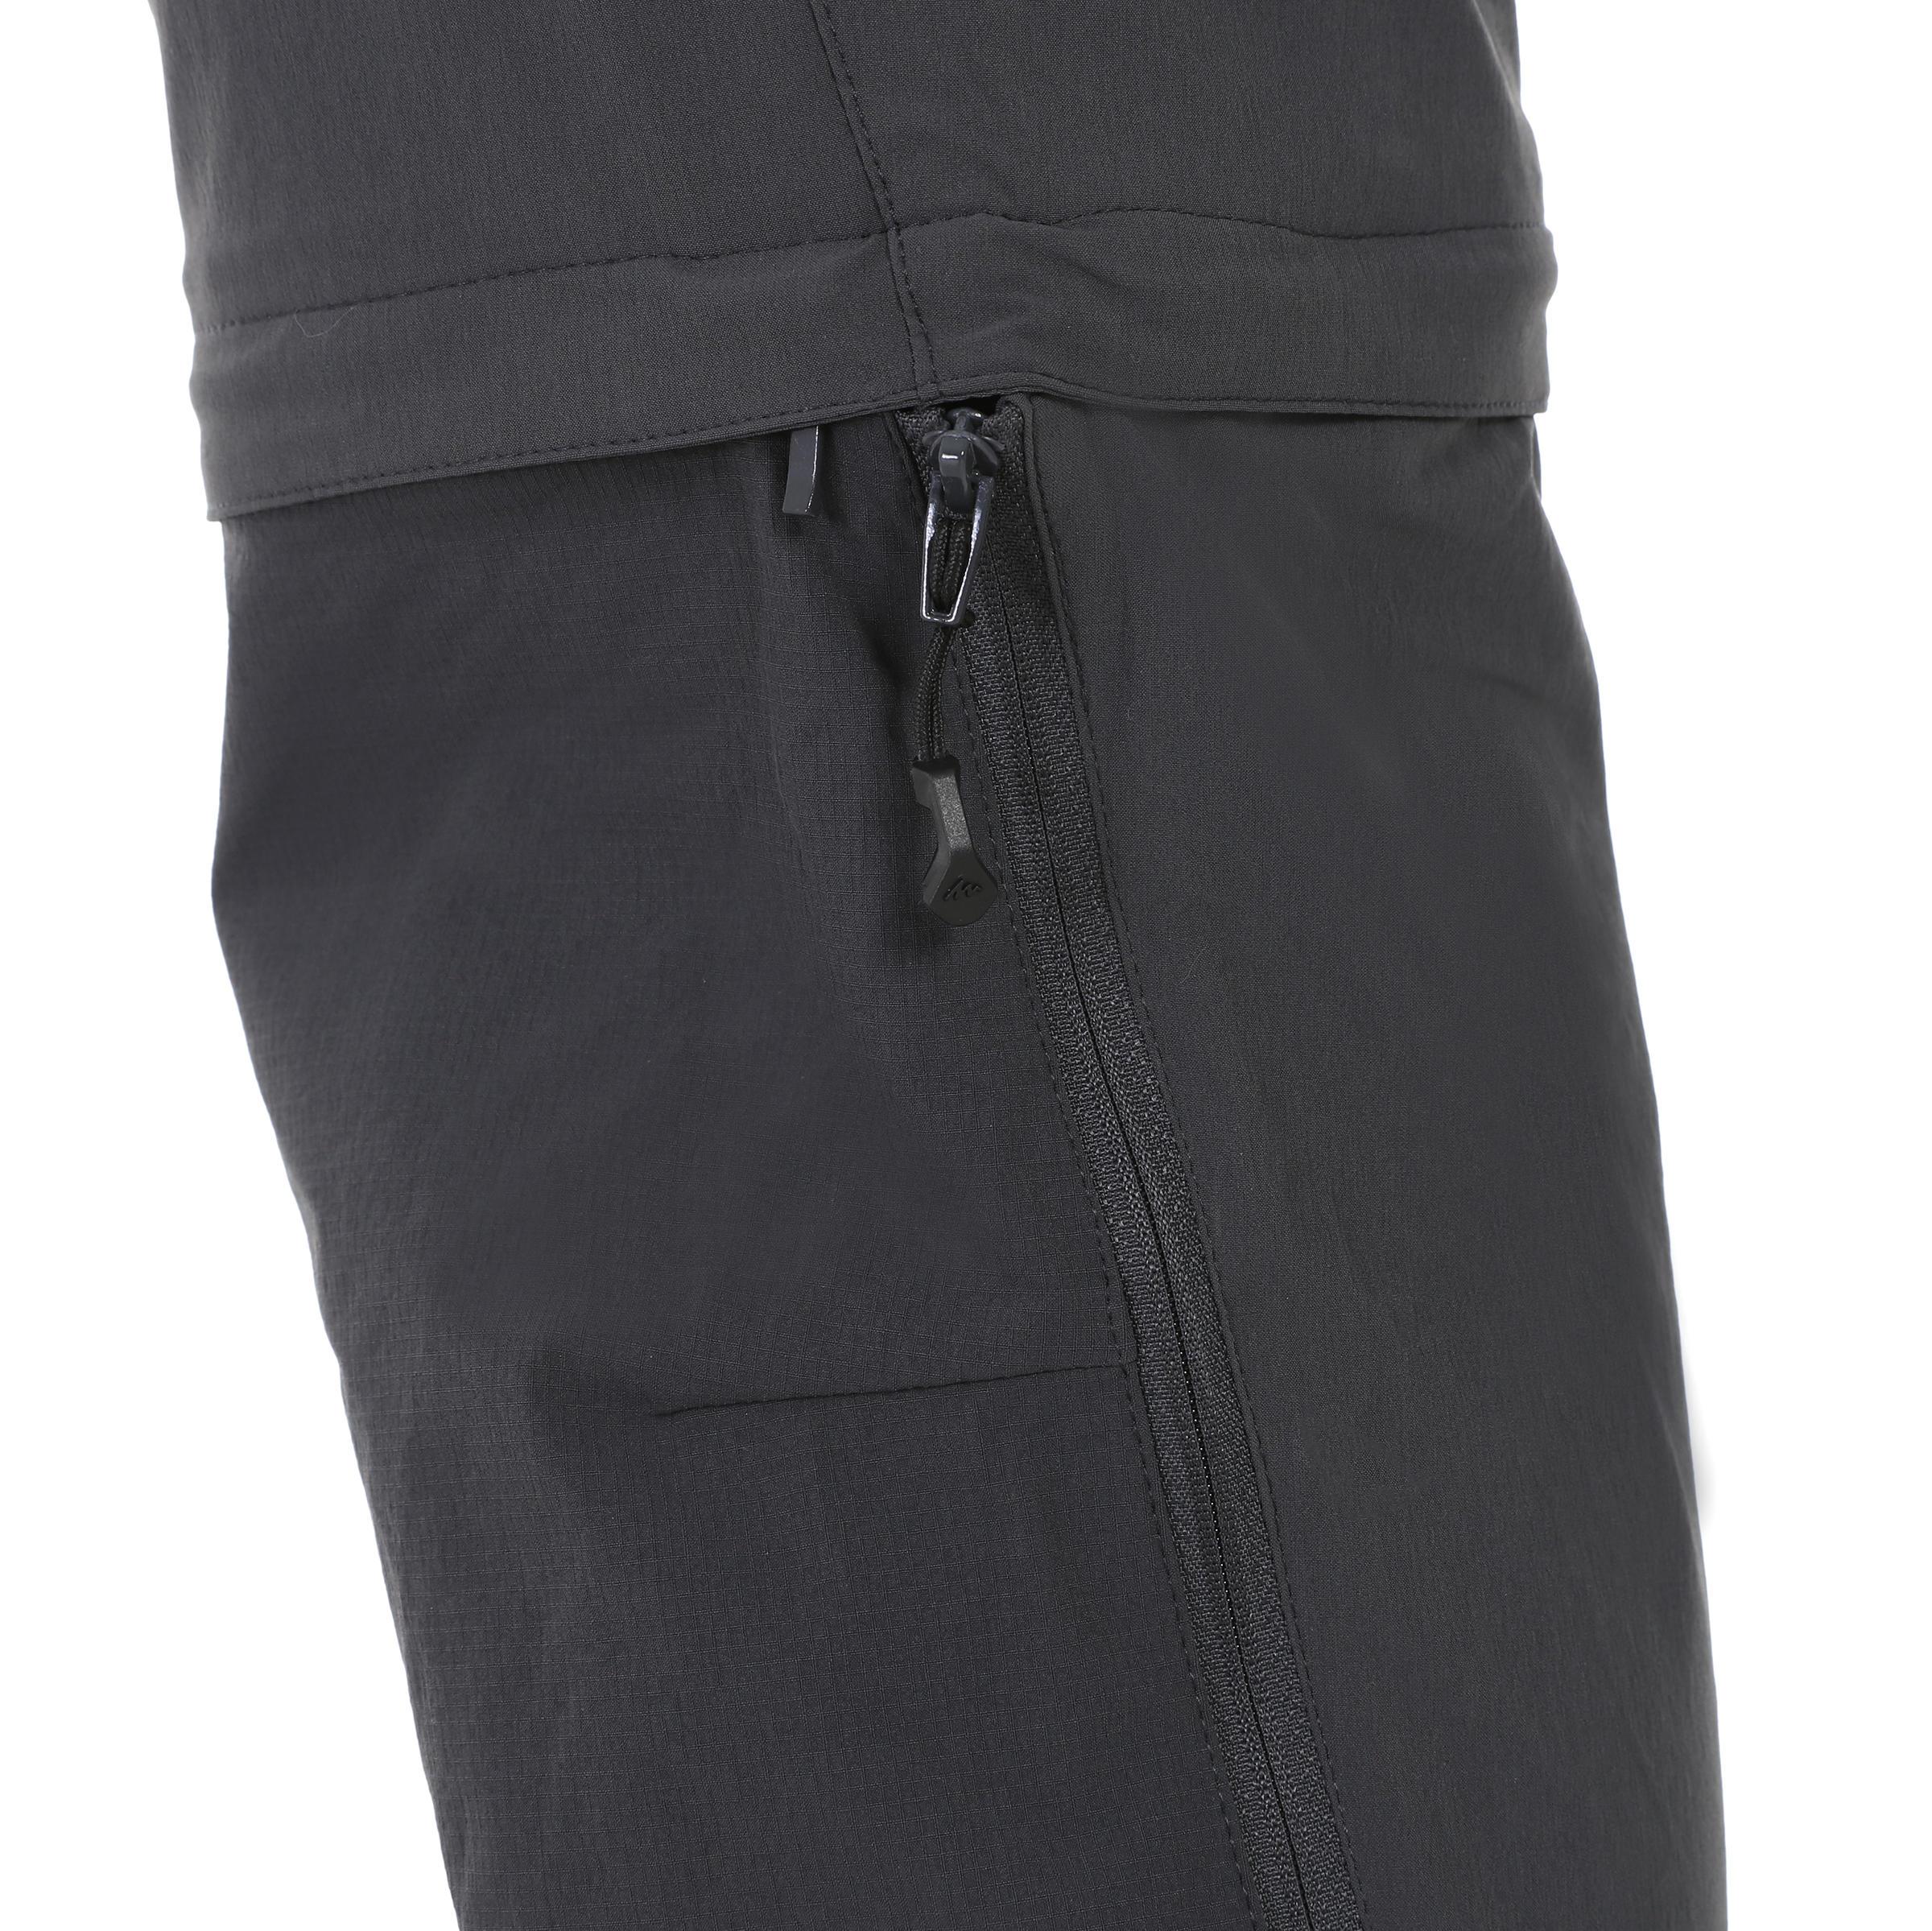 Randonnée 500 Pantalon Forclaz Homme Modulable Foncé Gris 45RALj